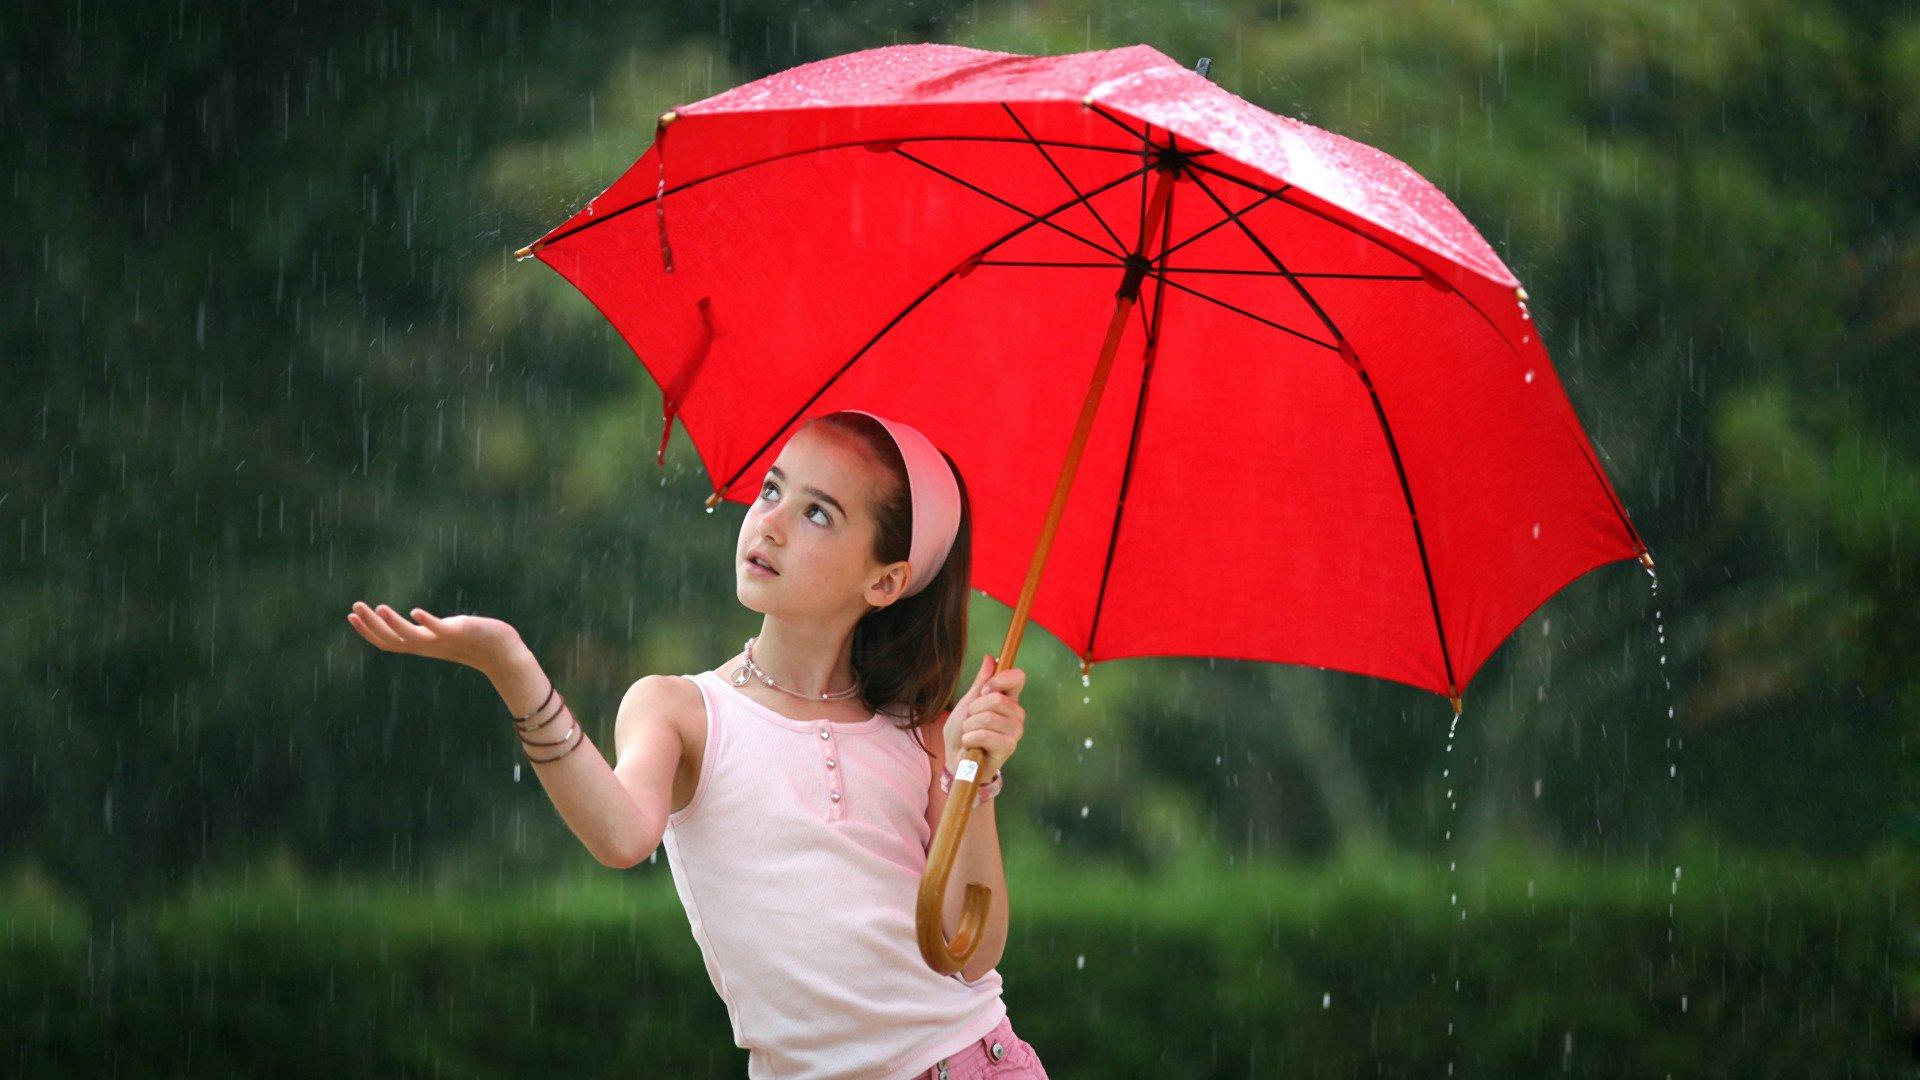 Именем наташа, картинка с девочкой с зонтиком